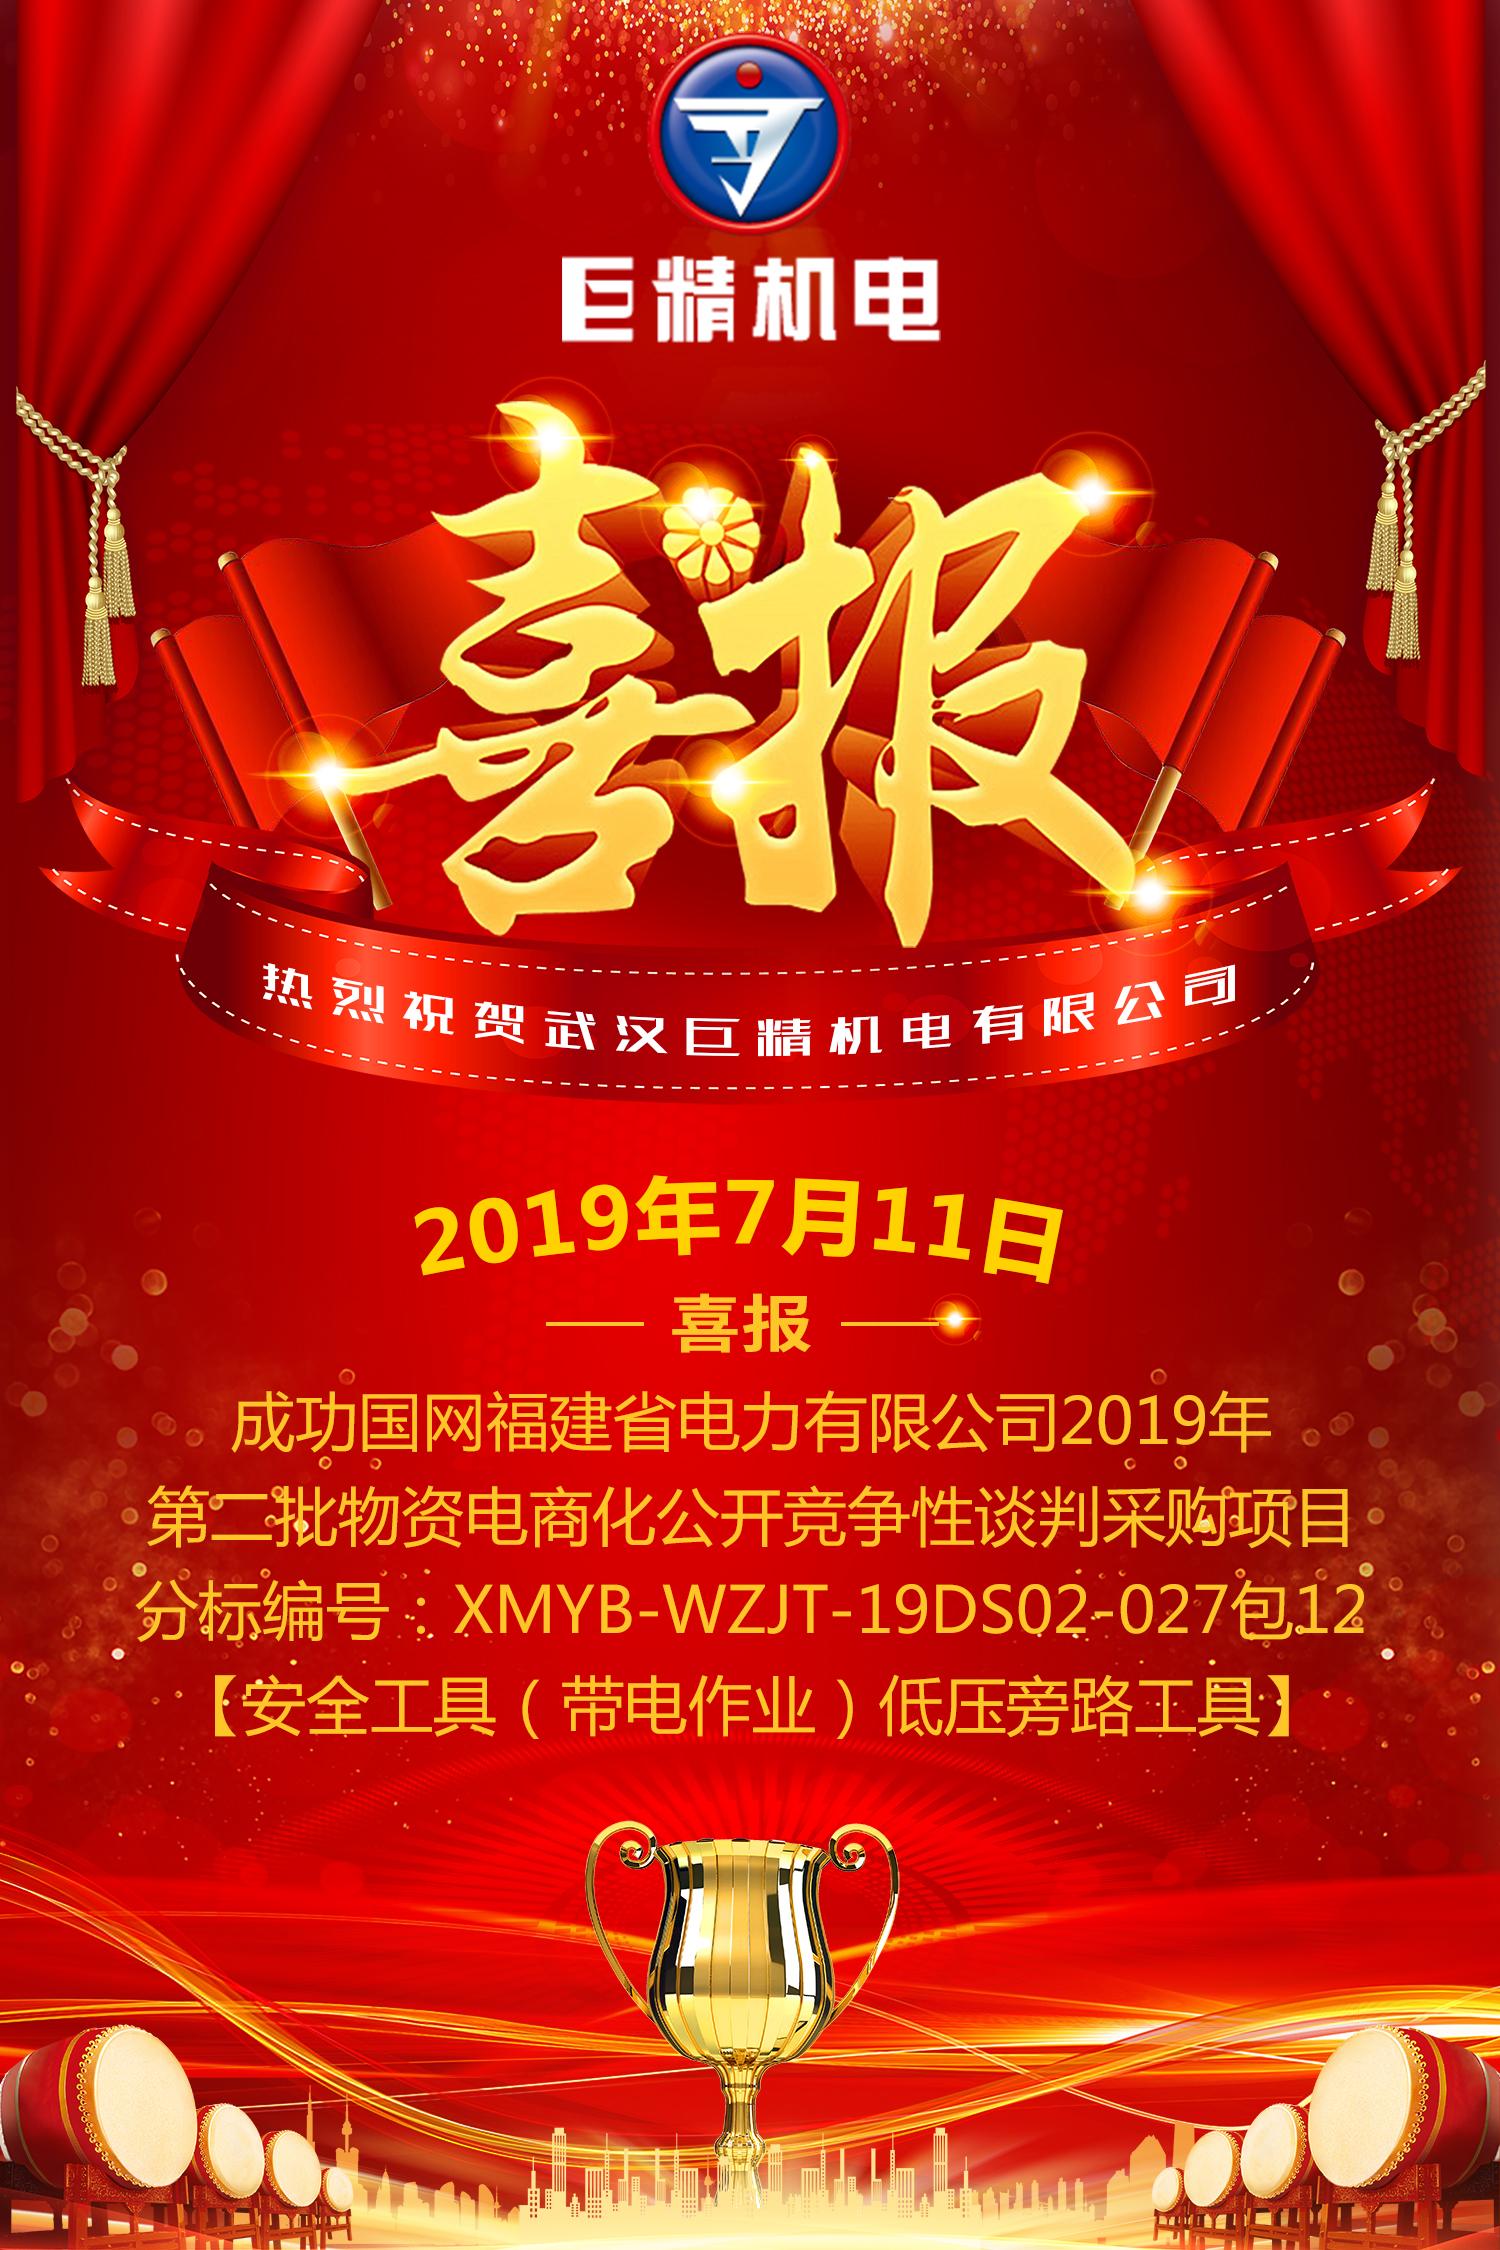 热烈祝贺武汉巨精中标国网福建省电力有限公司2019年第二批物资电商化公开竞争性谈判采购项目